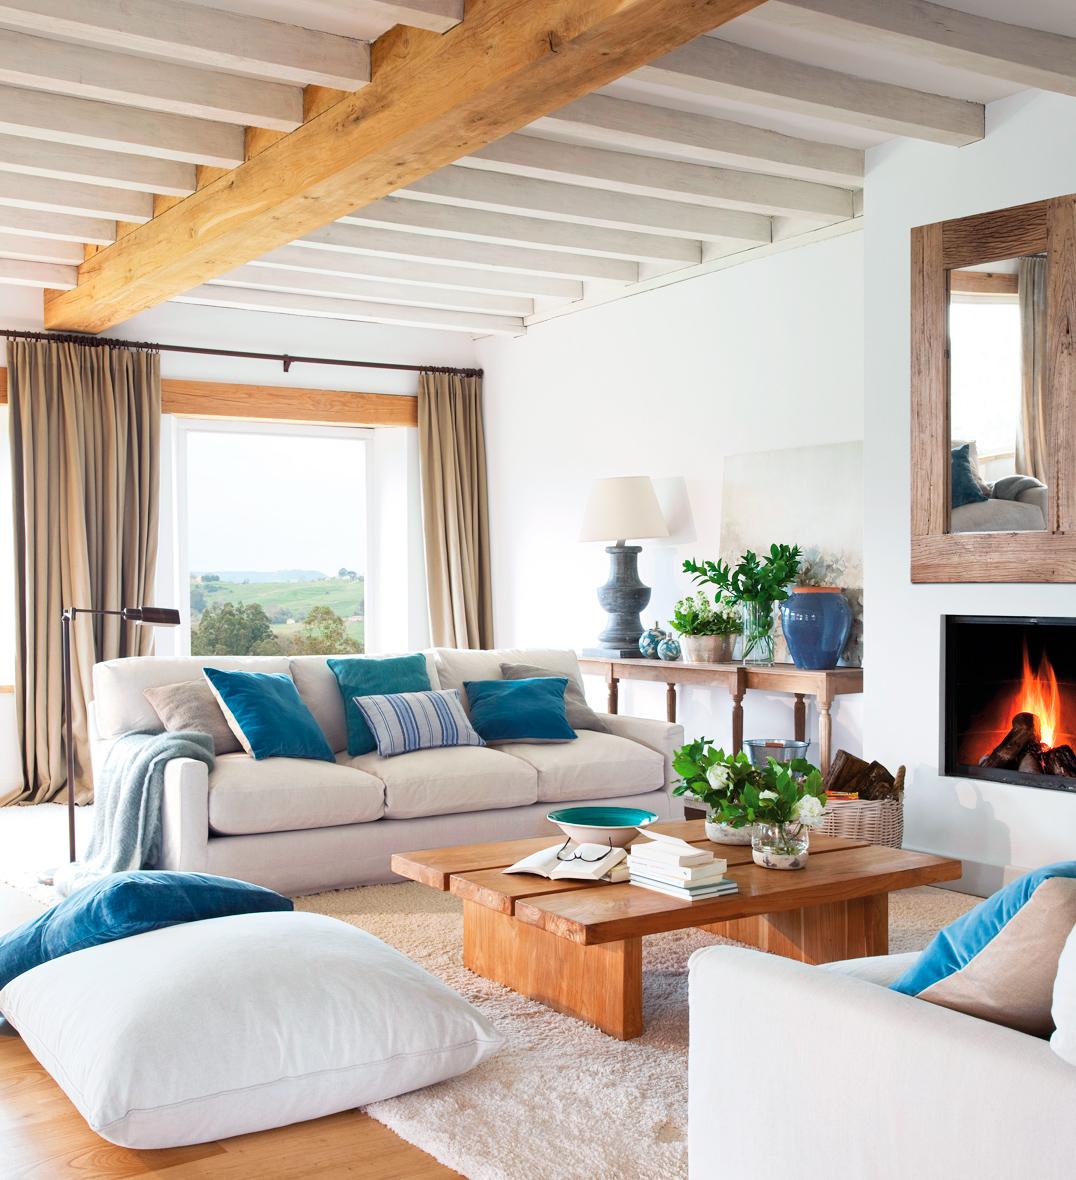 15 salones con el toque justo de color - Muebles salon blanco y madera ...